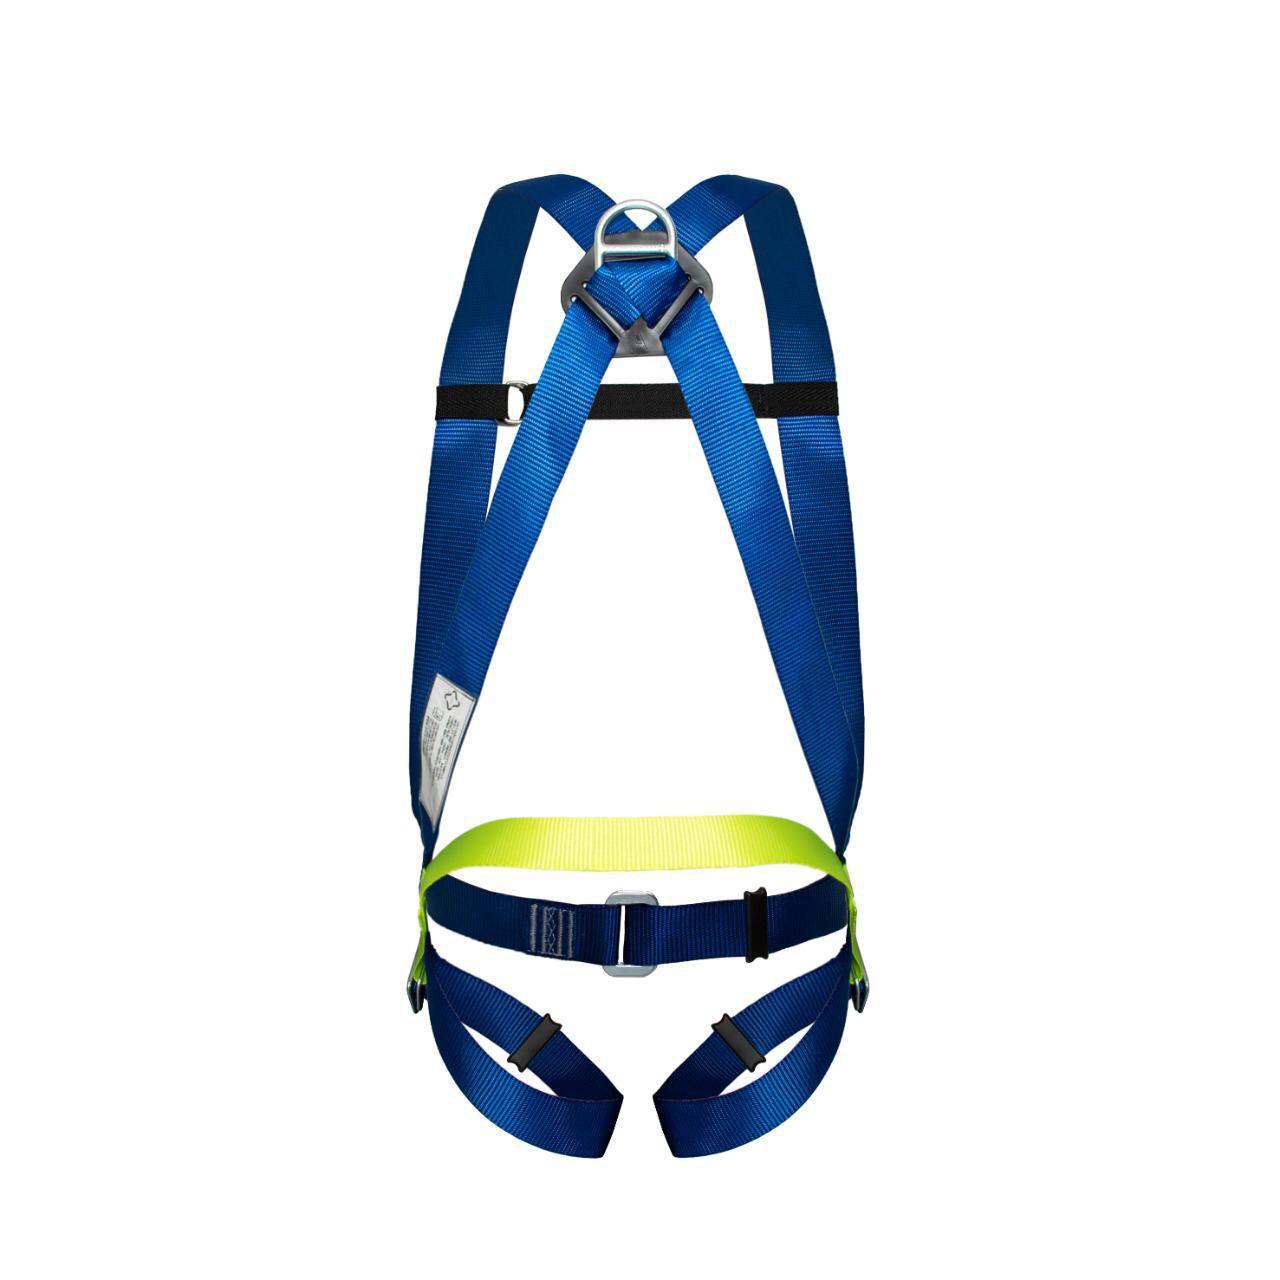 Cinturão Paraquedista 1 Ponto 2002 + Talabarte Y Sem ABS 6000-A